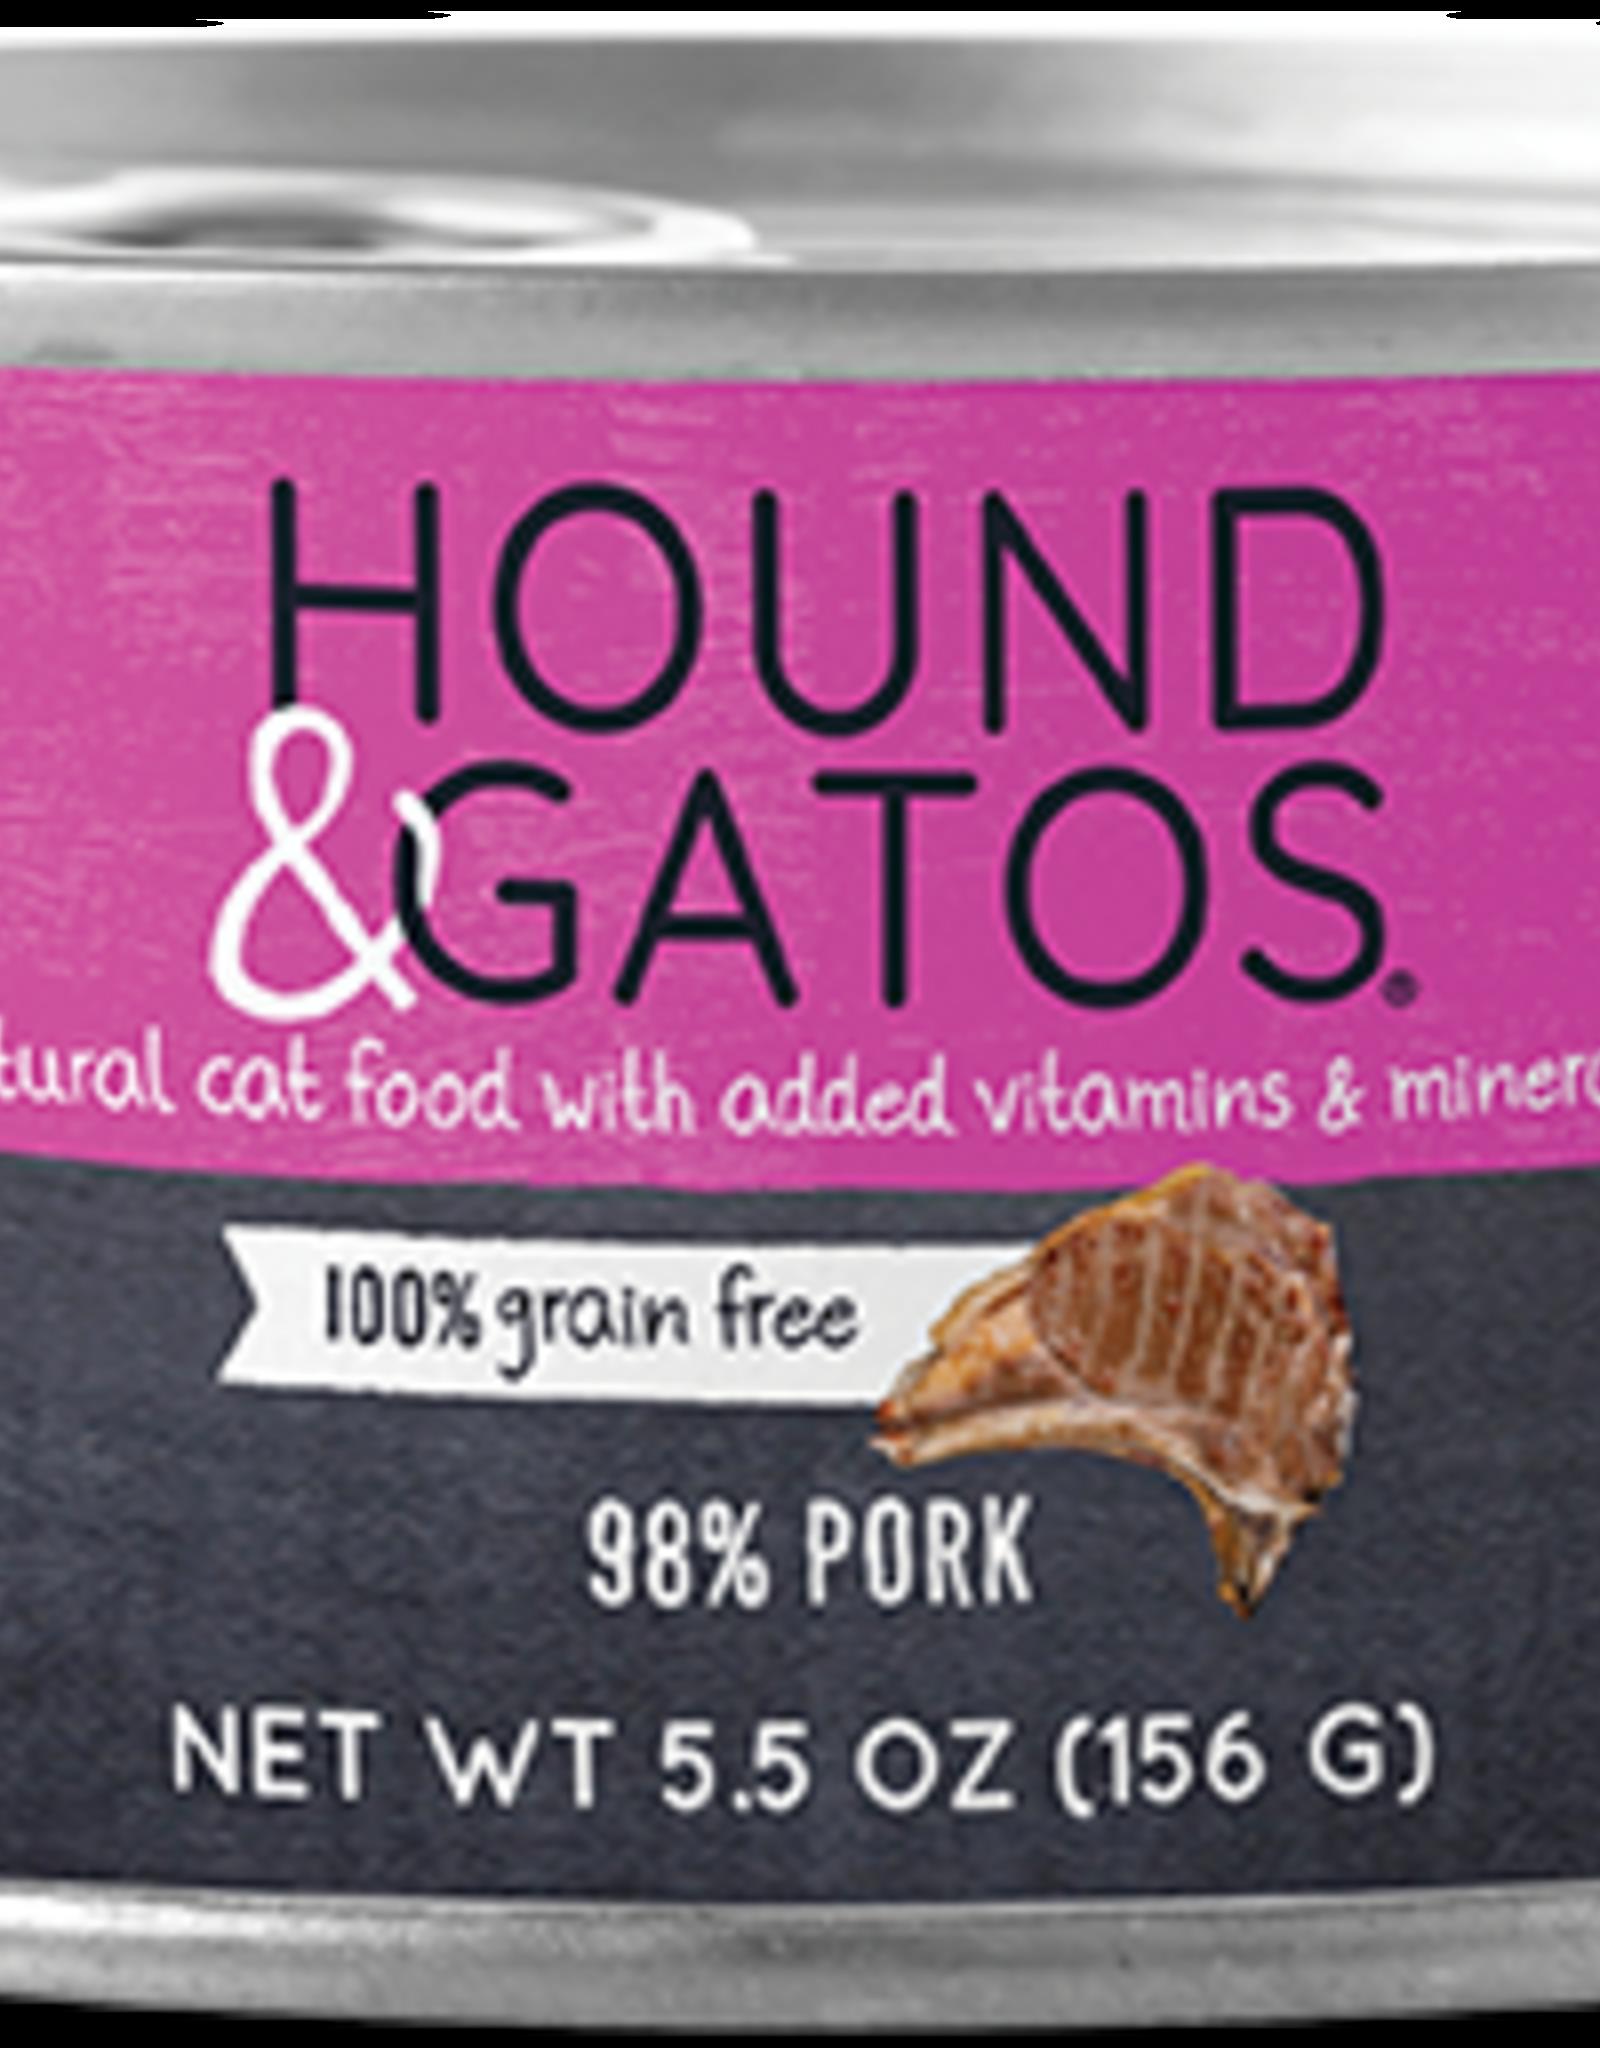 Hound & Gatos Hound & Gatos 98% Pork Recipe Cat